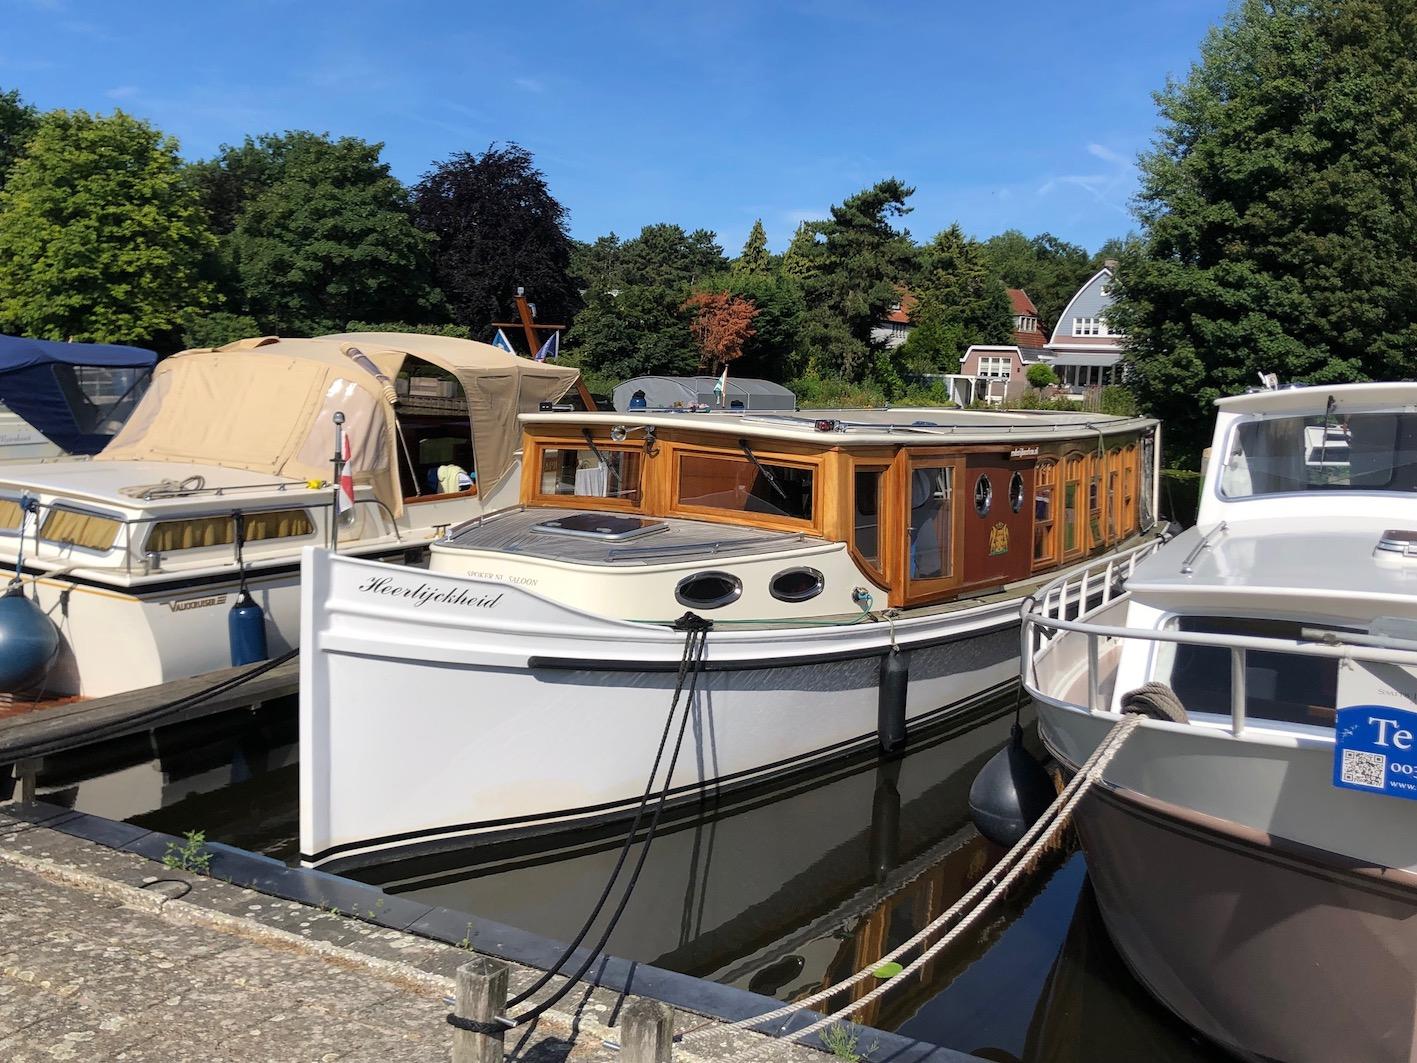 salonboot-boot-over-water-uitvaart-afscheid-heemstede-begraafplaats-haarlem-haerlem